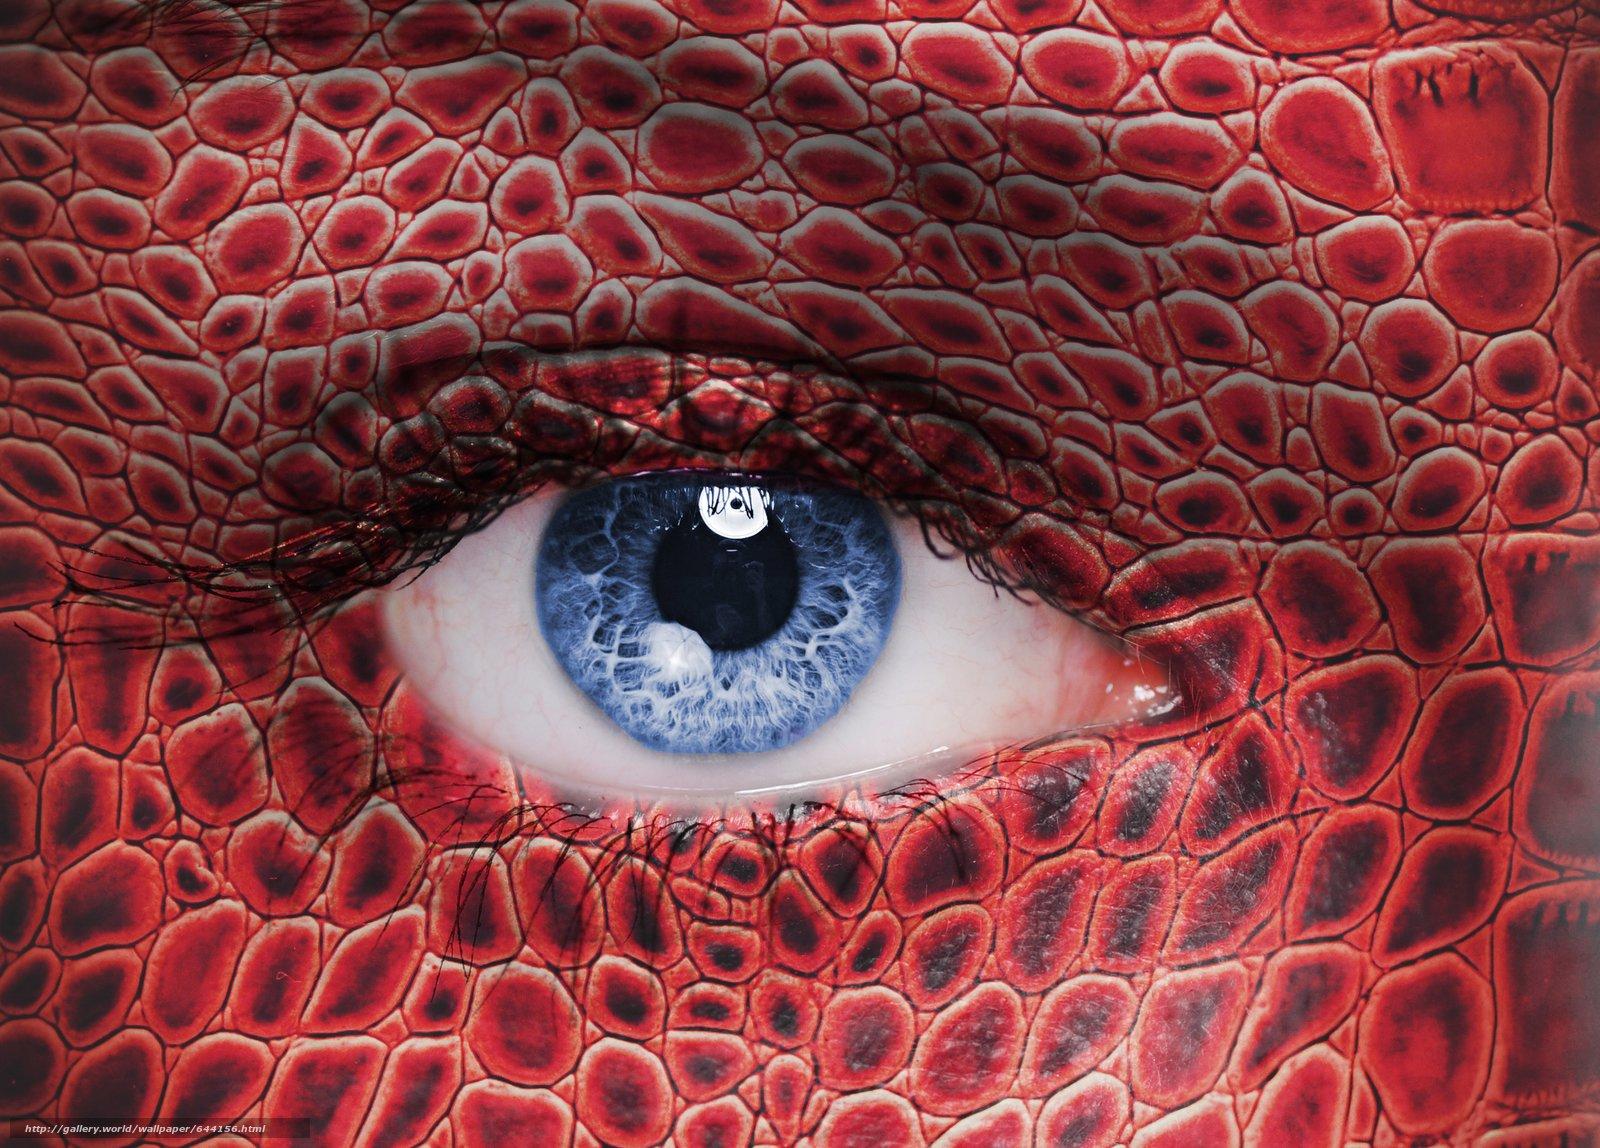 Скачать обои глаз,  глаза,  человеческие,  человек бесплатно для рабочего стола в разрешении 5686x4080 — картинка №644156